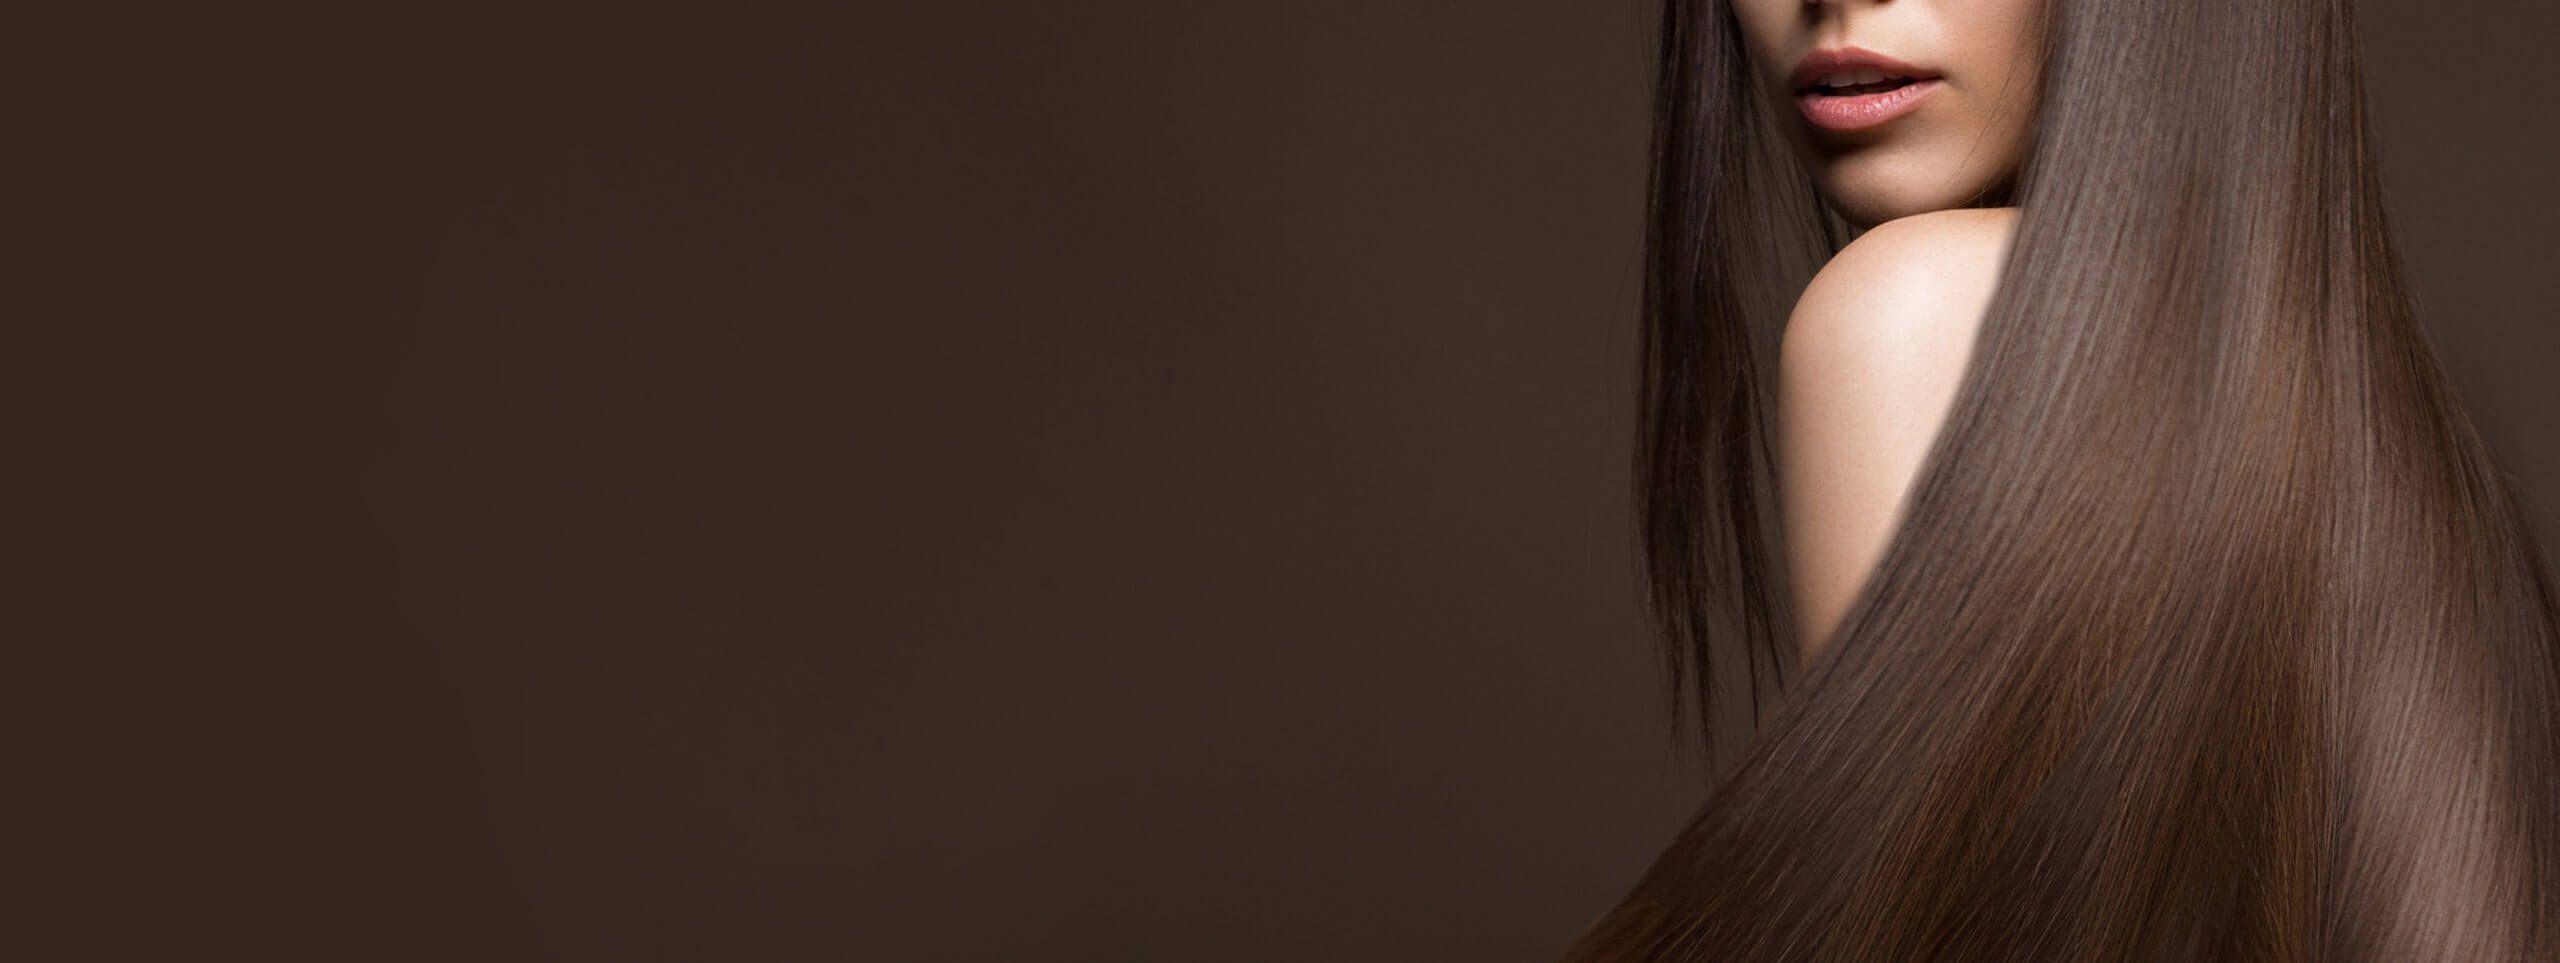 Modelka z długimi brązowymi włosami